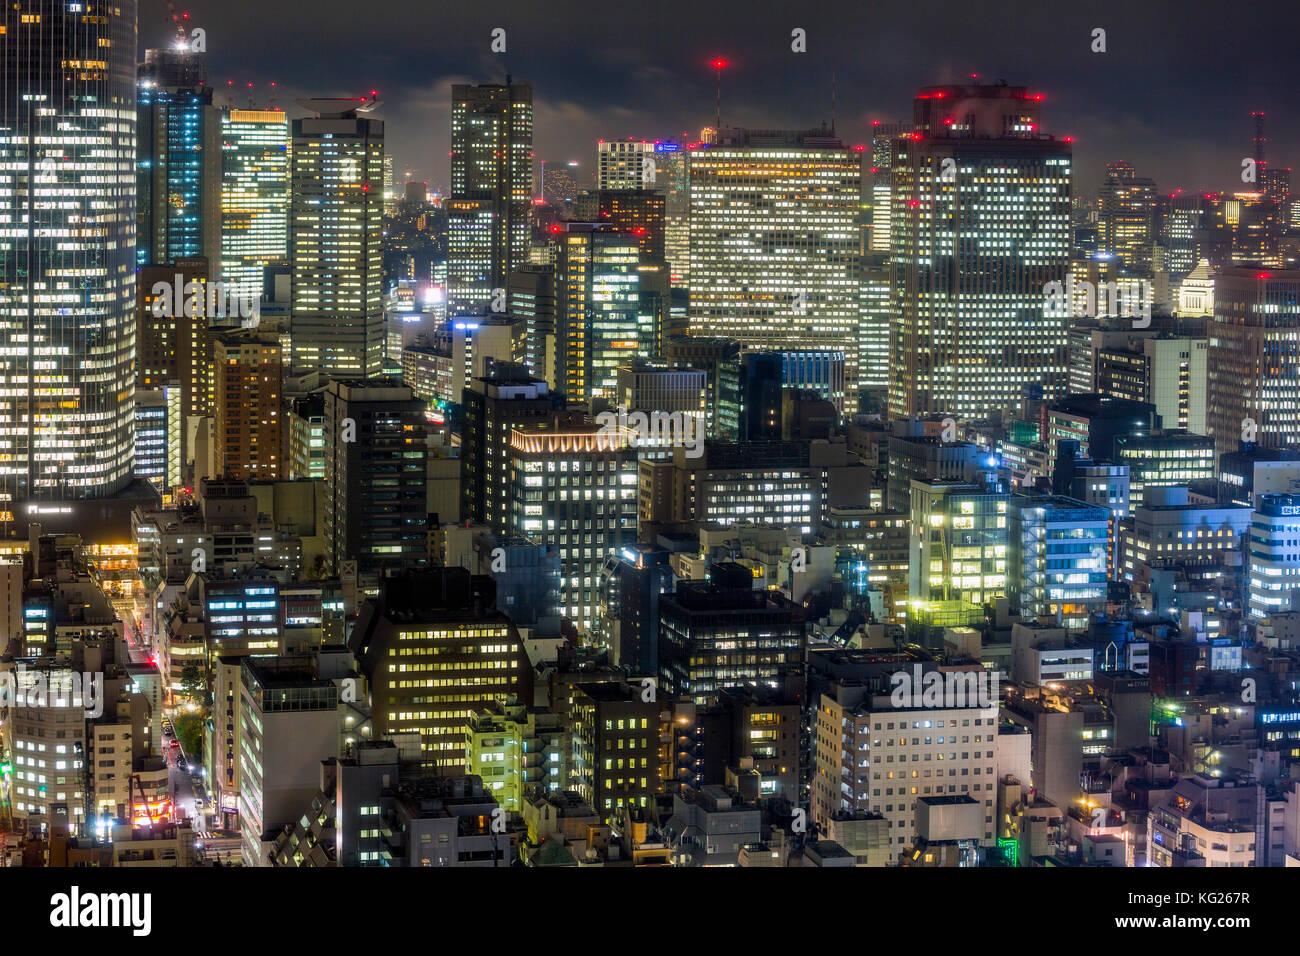 El centro de los edificios de la ciudad por la noche, Tokio, Japón, Asia Imagen De Stock